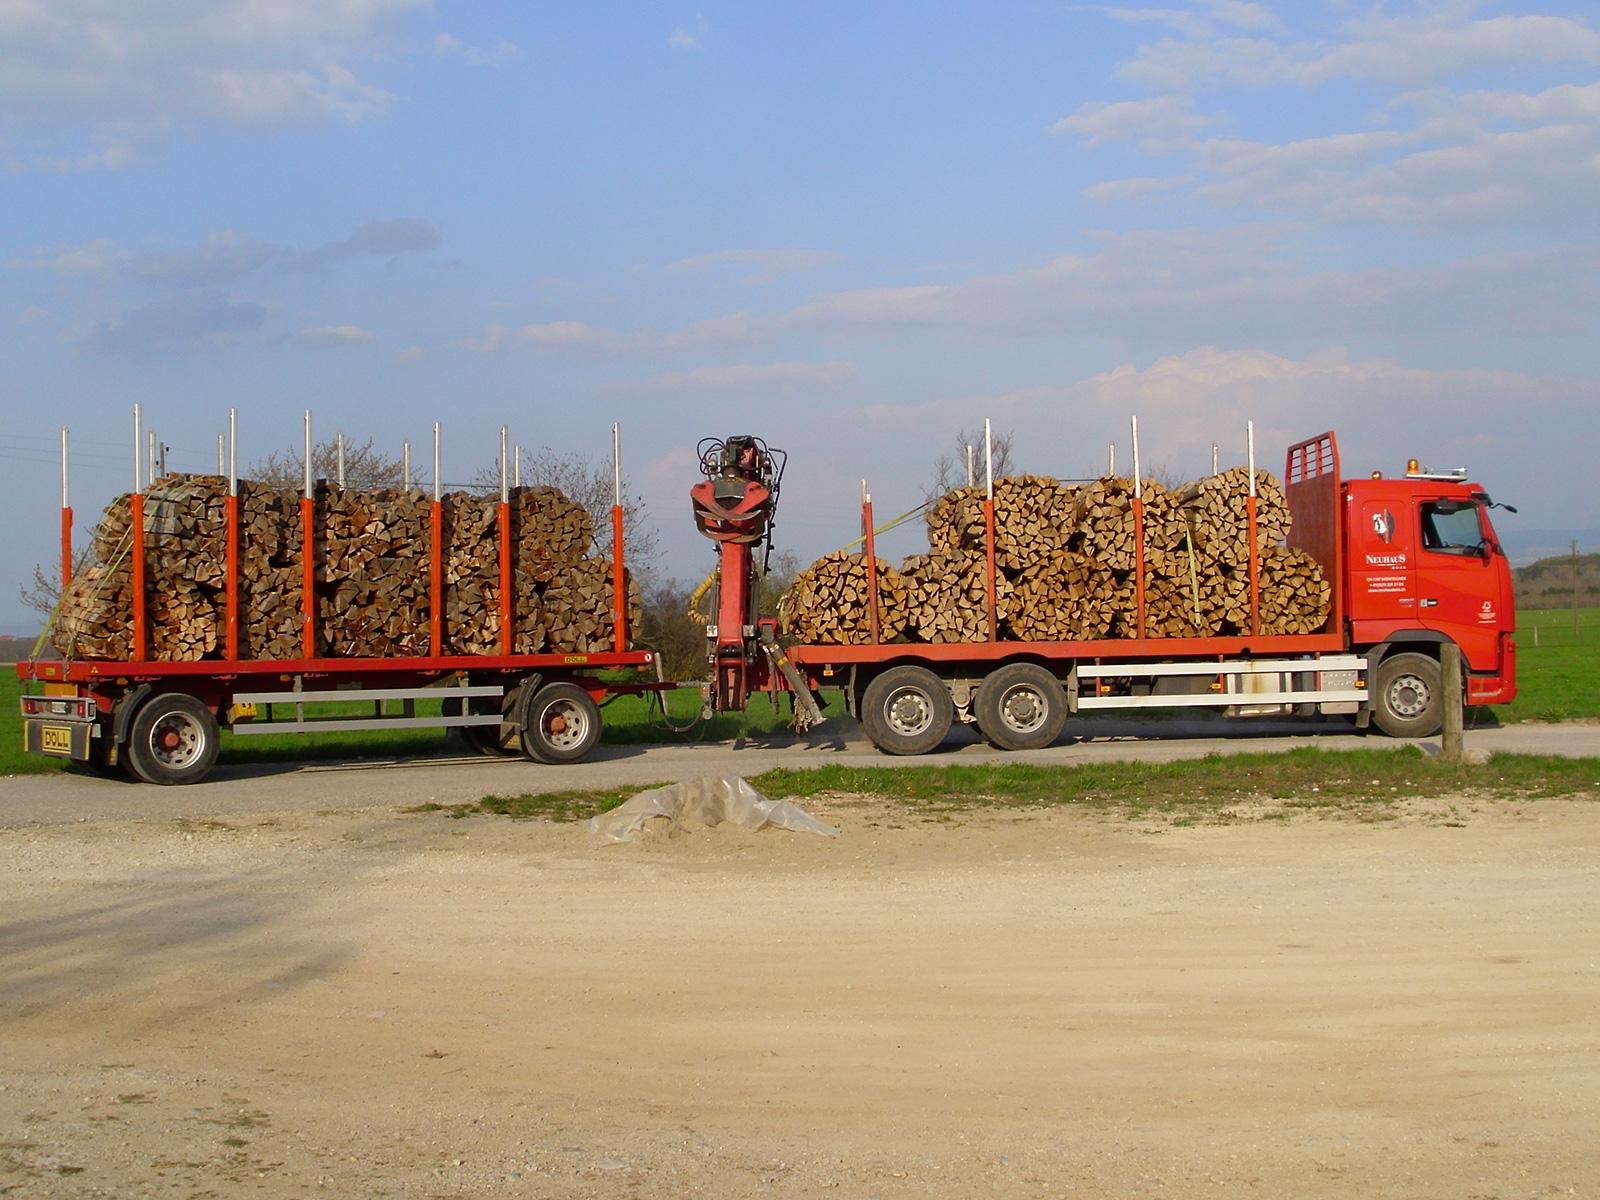 Grossiste Bois De Chauffage - Vente de bois de feu pour grossistes et revendeurs